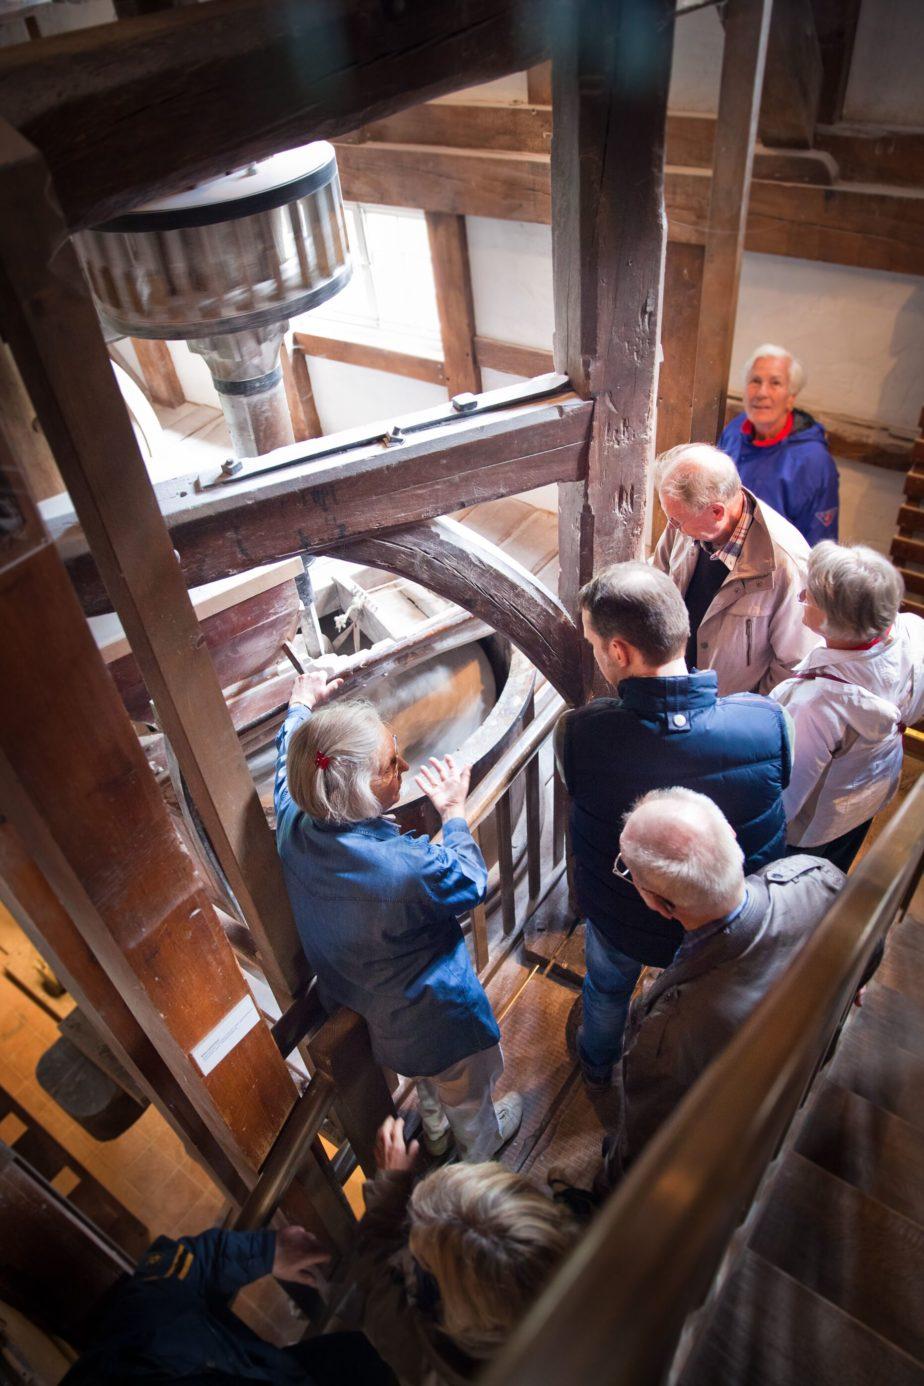 Besucher bestaunen das Mahlwerk in der Mühle